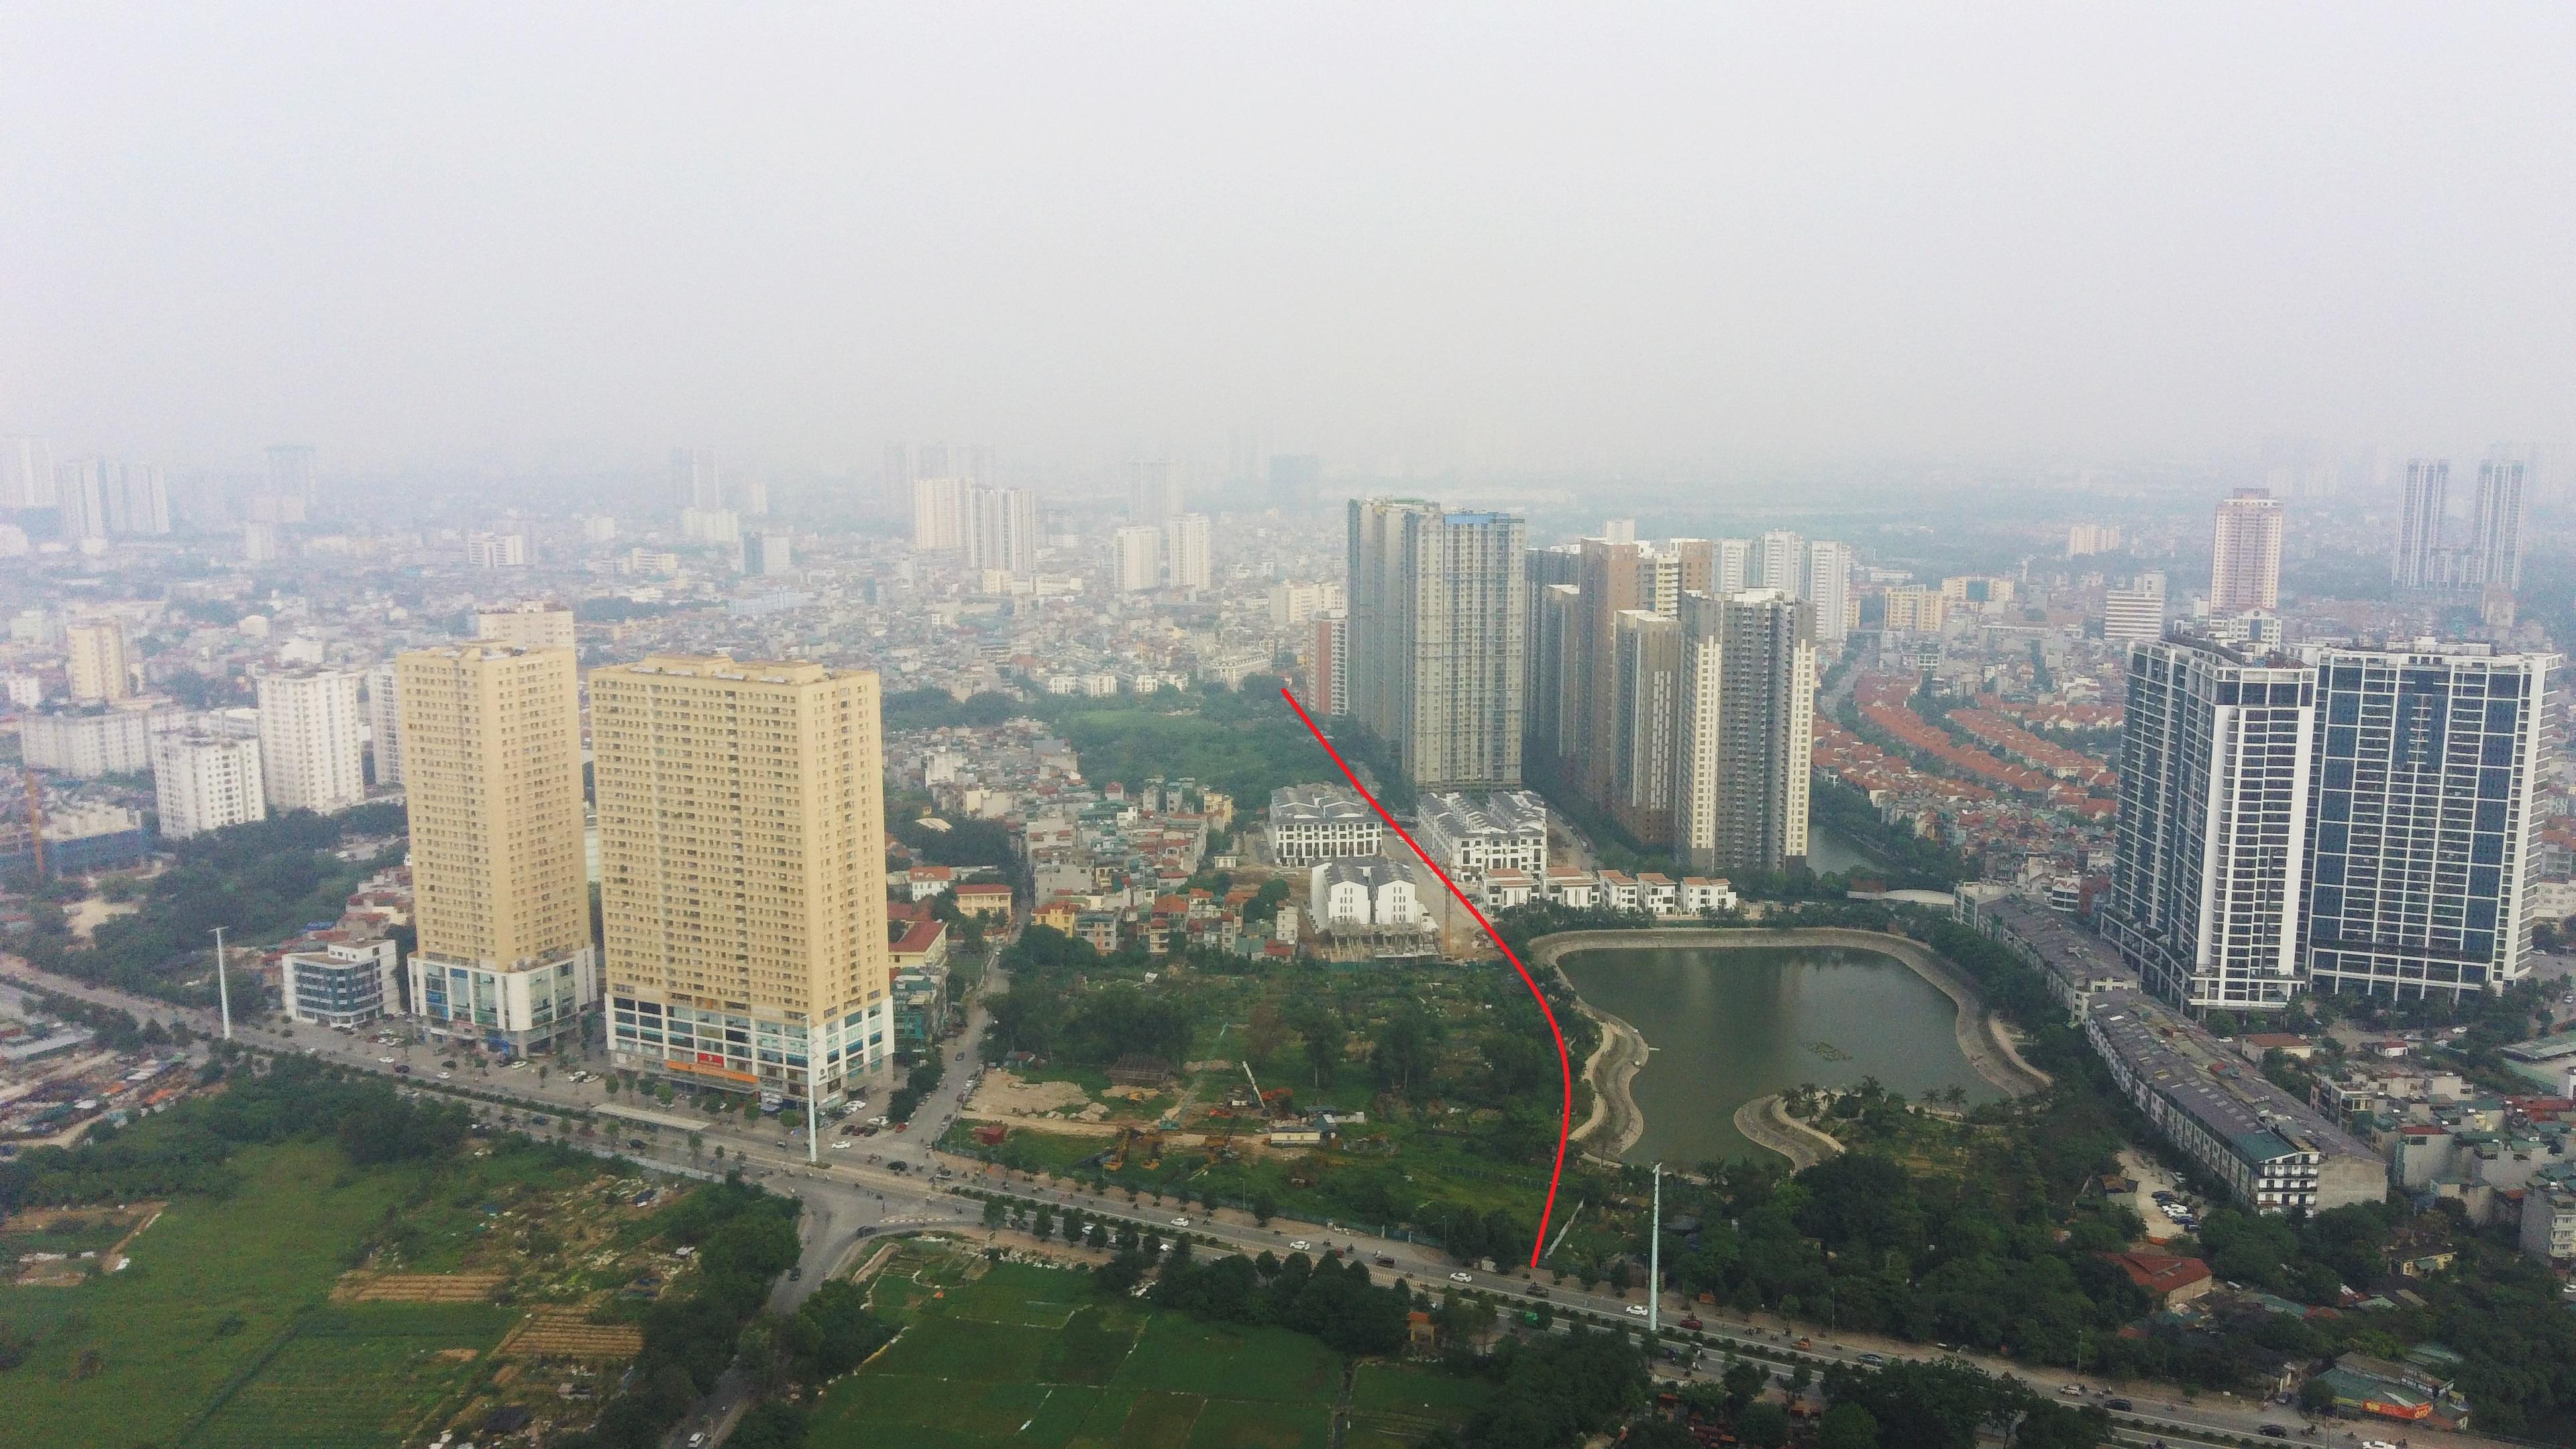 4 đường sẽ mở theo qui hoạch ở phường Trung Văn, Nam Từ Liêm - Ảnh 2.